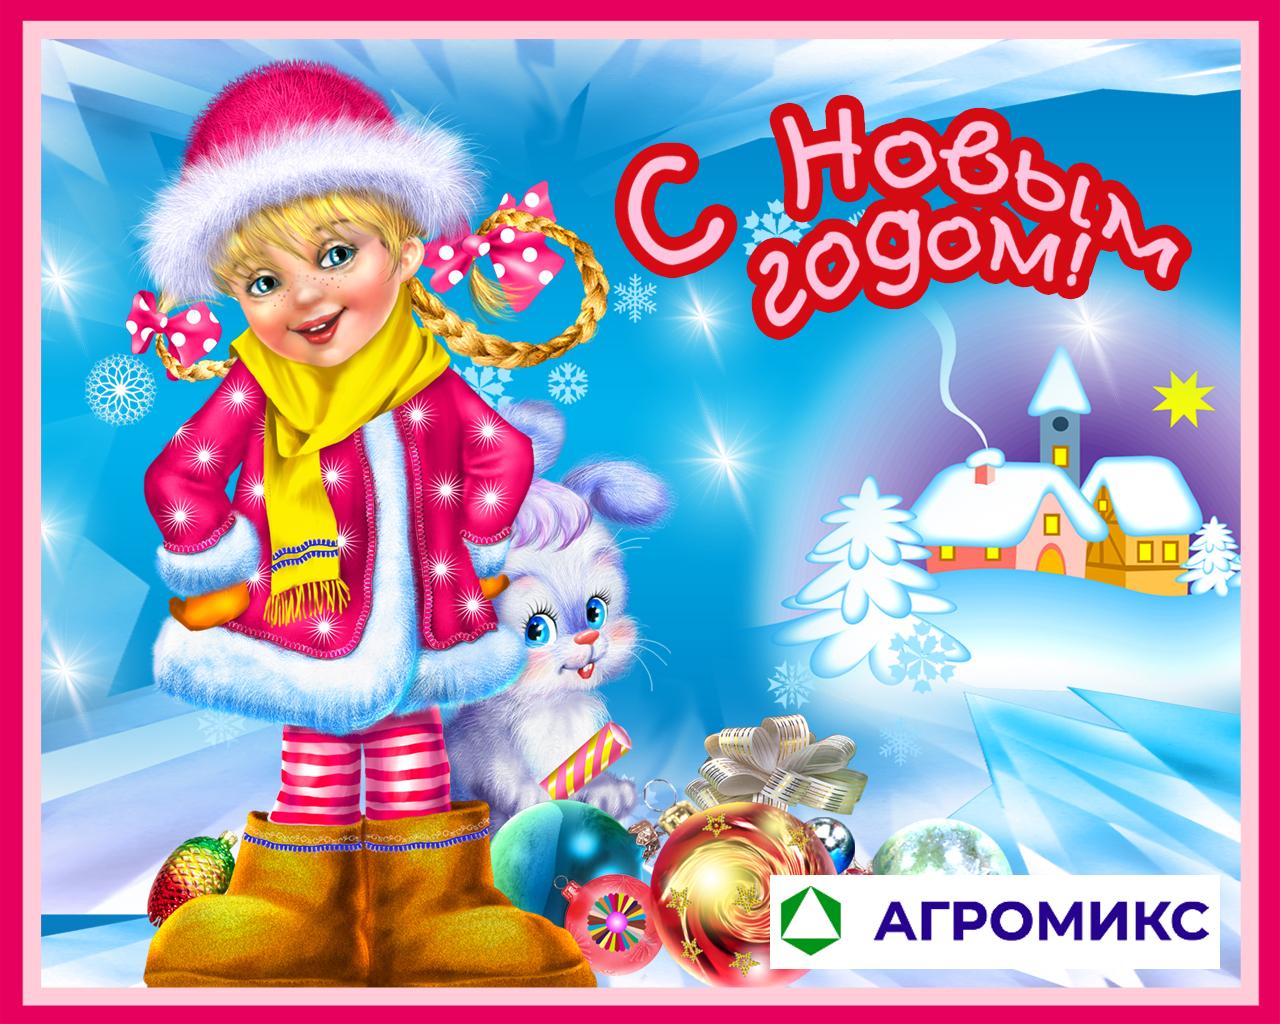 Поздравление С Новым Годом от ООО «АГРОМИКС»